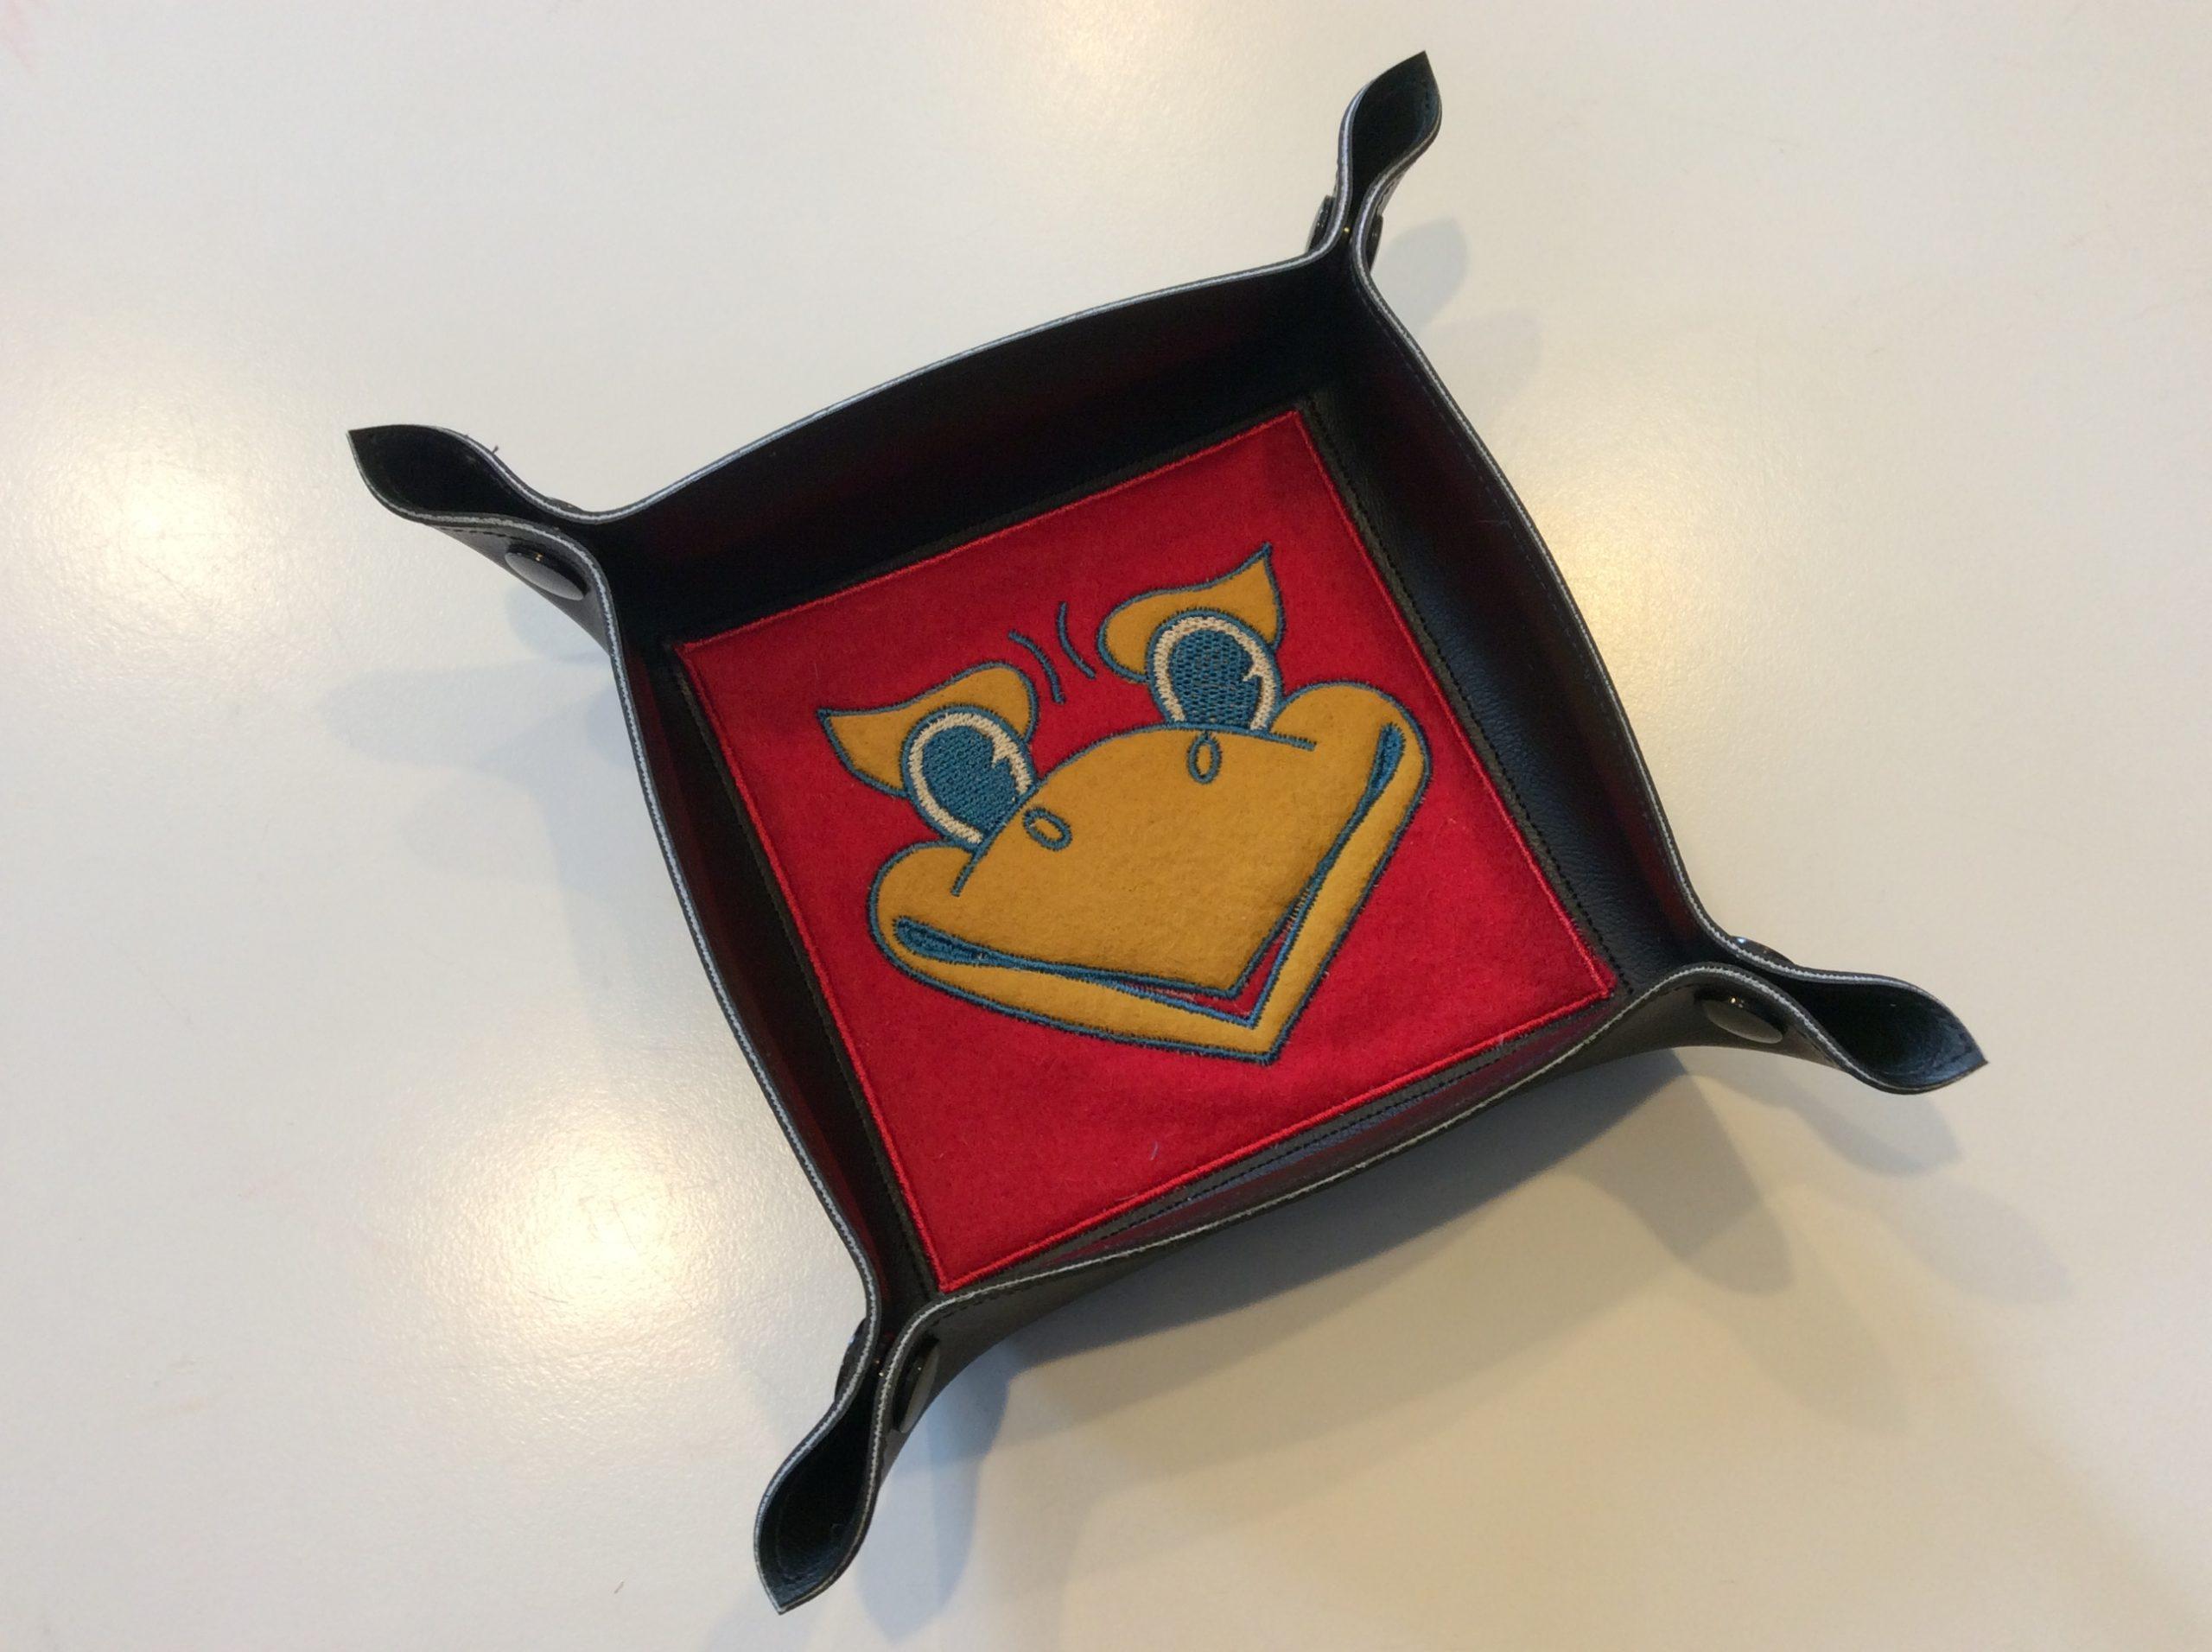 Vinyl snap tray with a Kansas Jayhawk logo